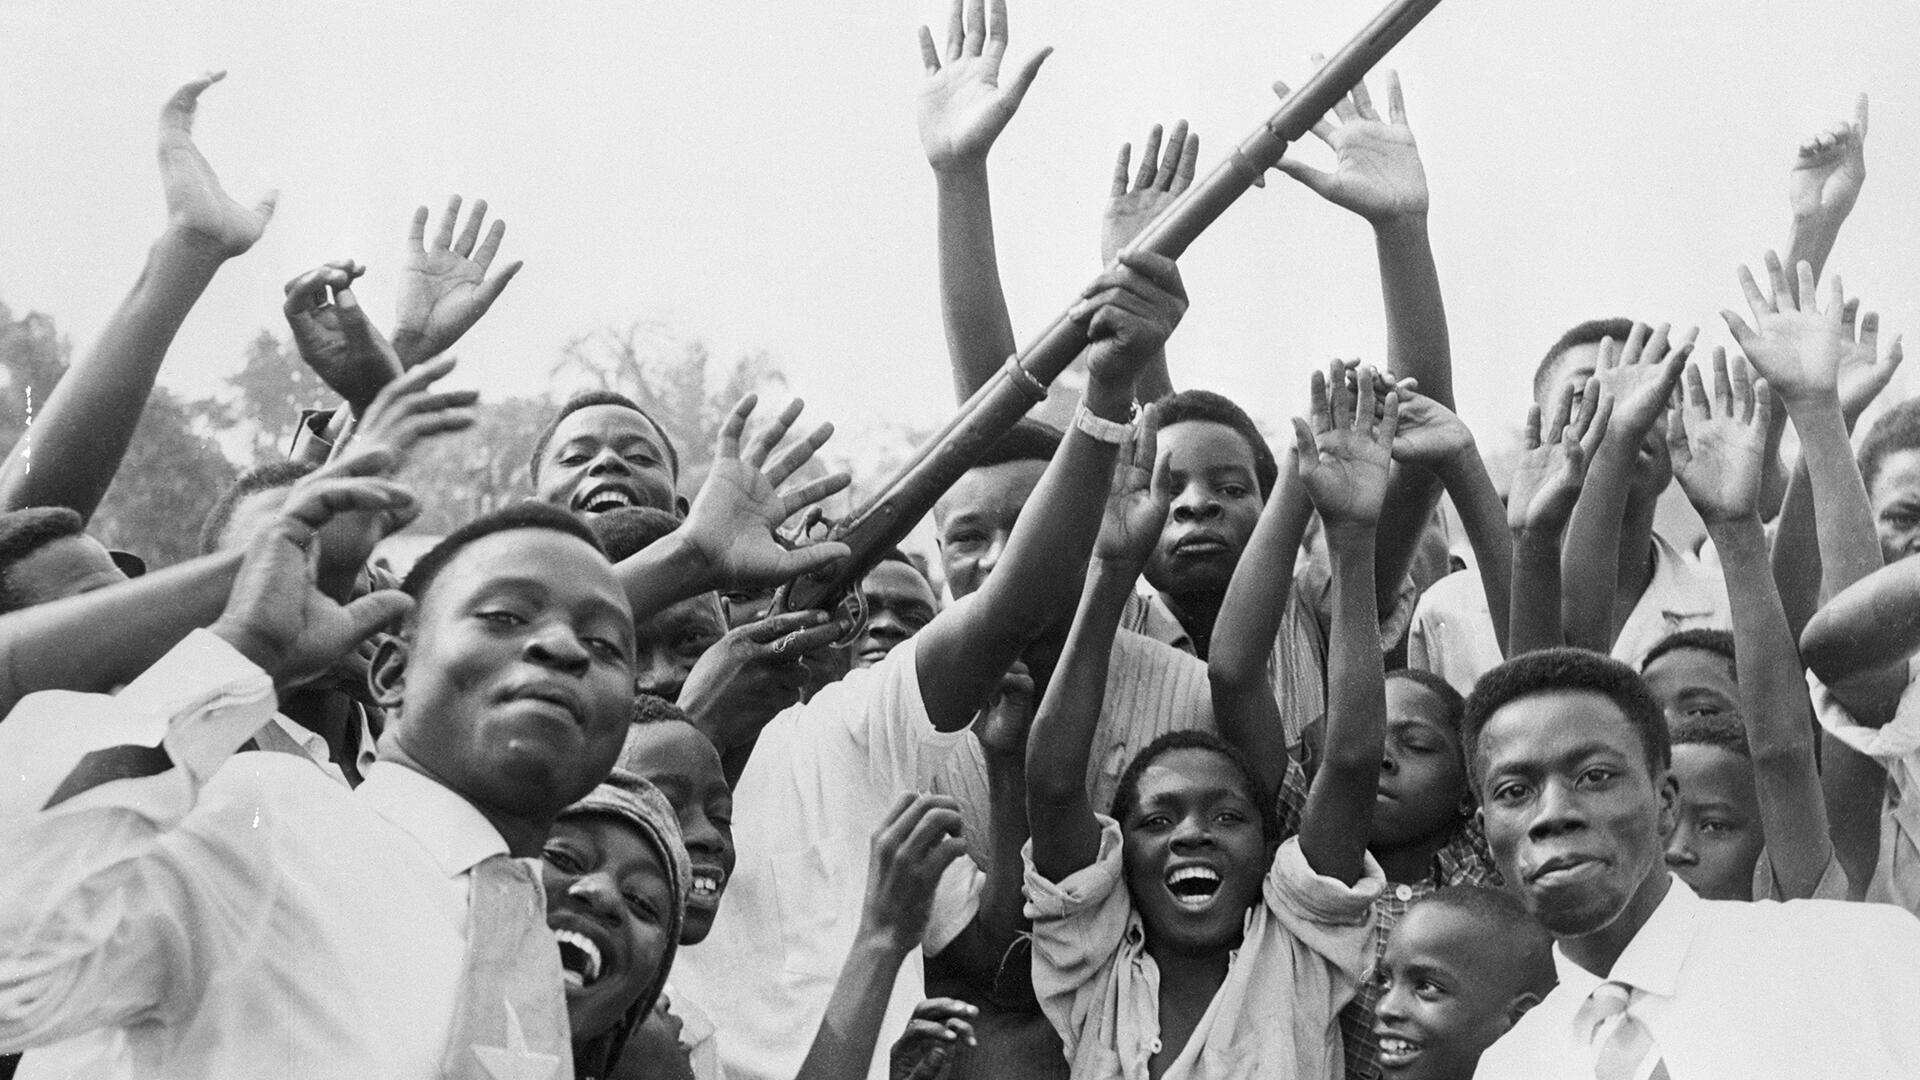 Des enfants congolais célébrant l'indépendance du pays, au lendemain de la proclamation du 30 juin 1960.